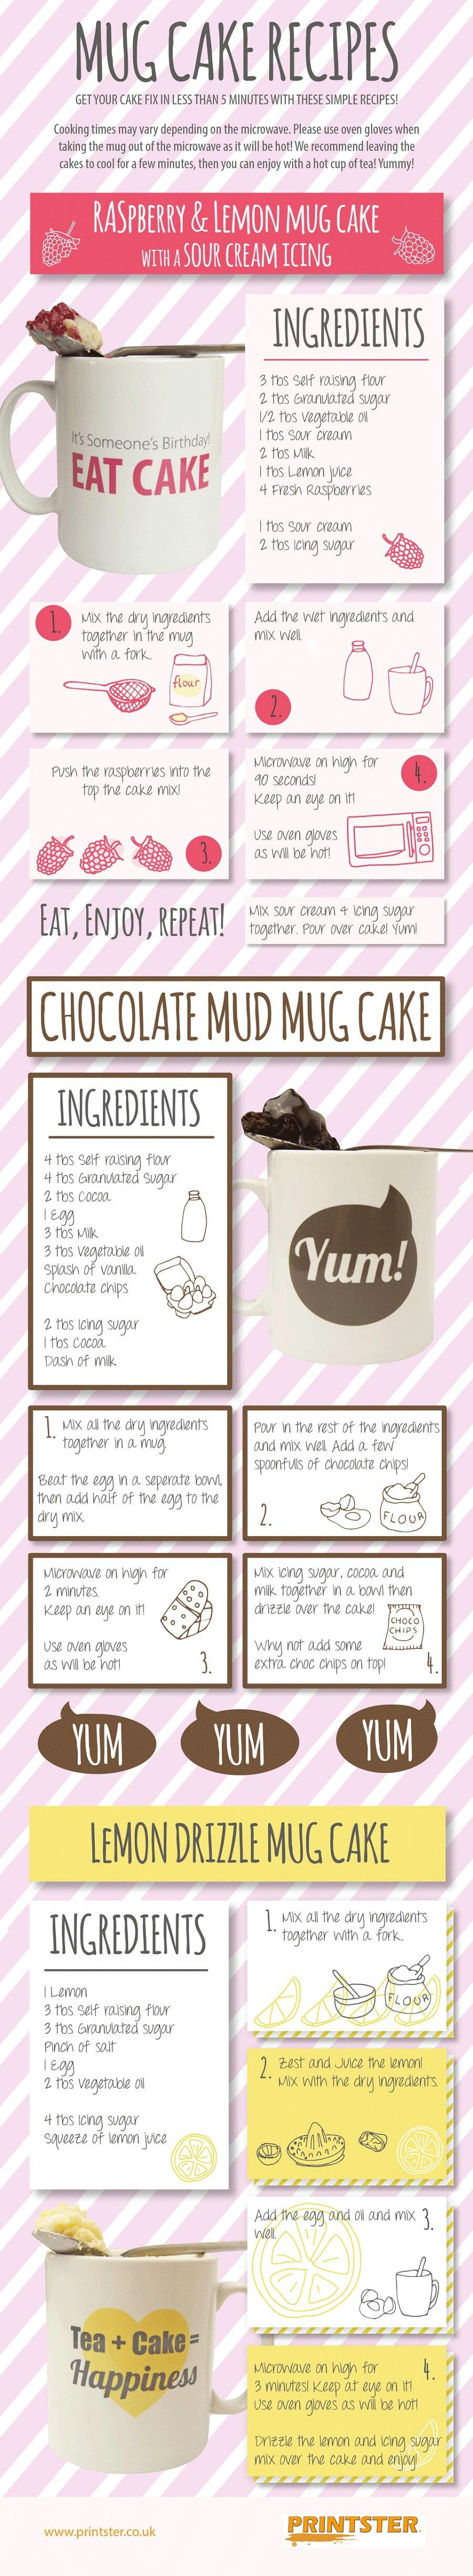 11. Make a mug cake.